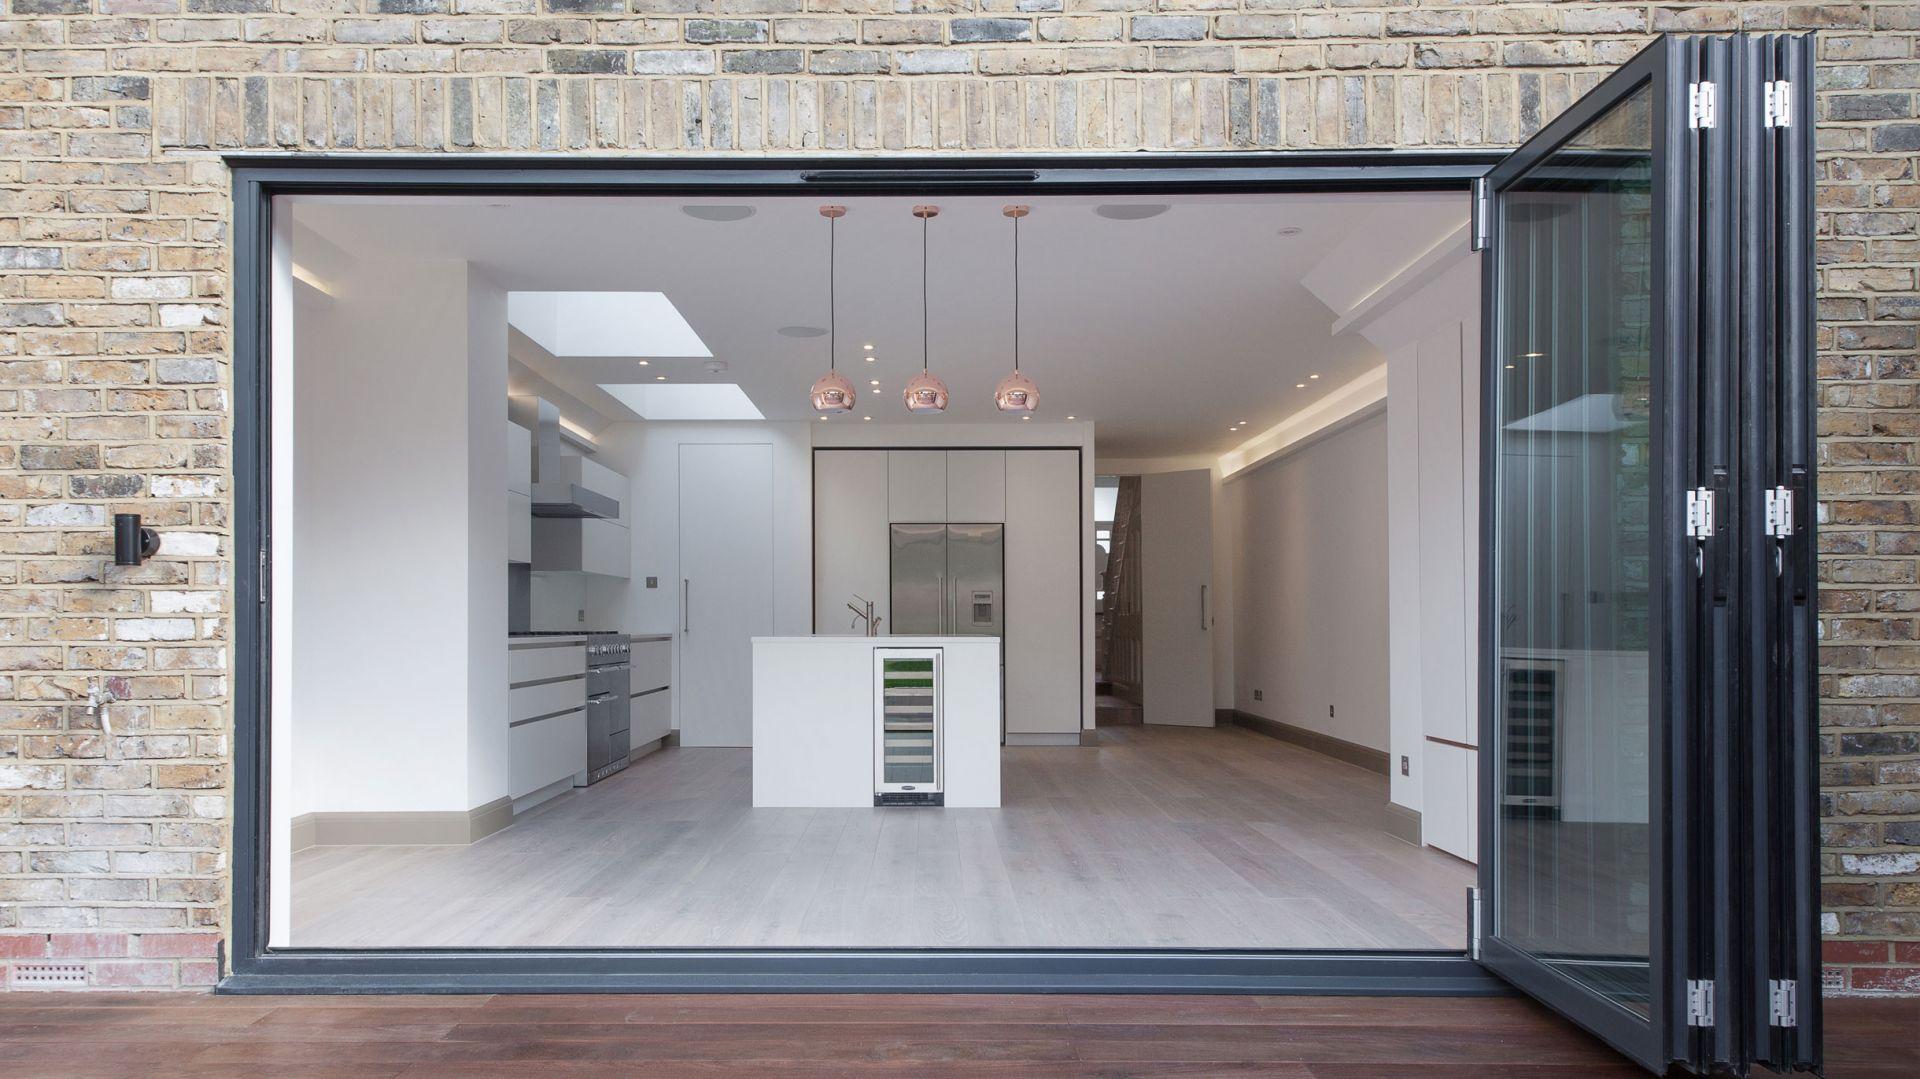 Duże, przeszklone, składane drzwi to idealny sposób na płynne przejście z kuchni do ogrodu. Fot. Nick Leith-Smith